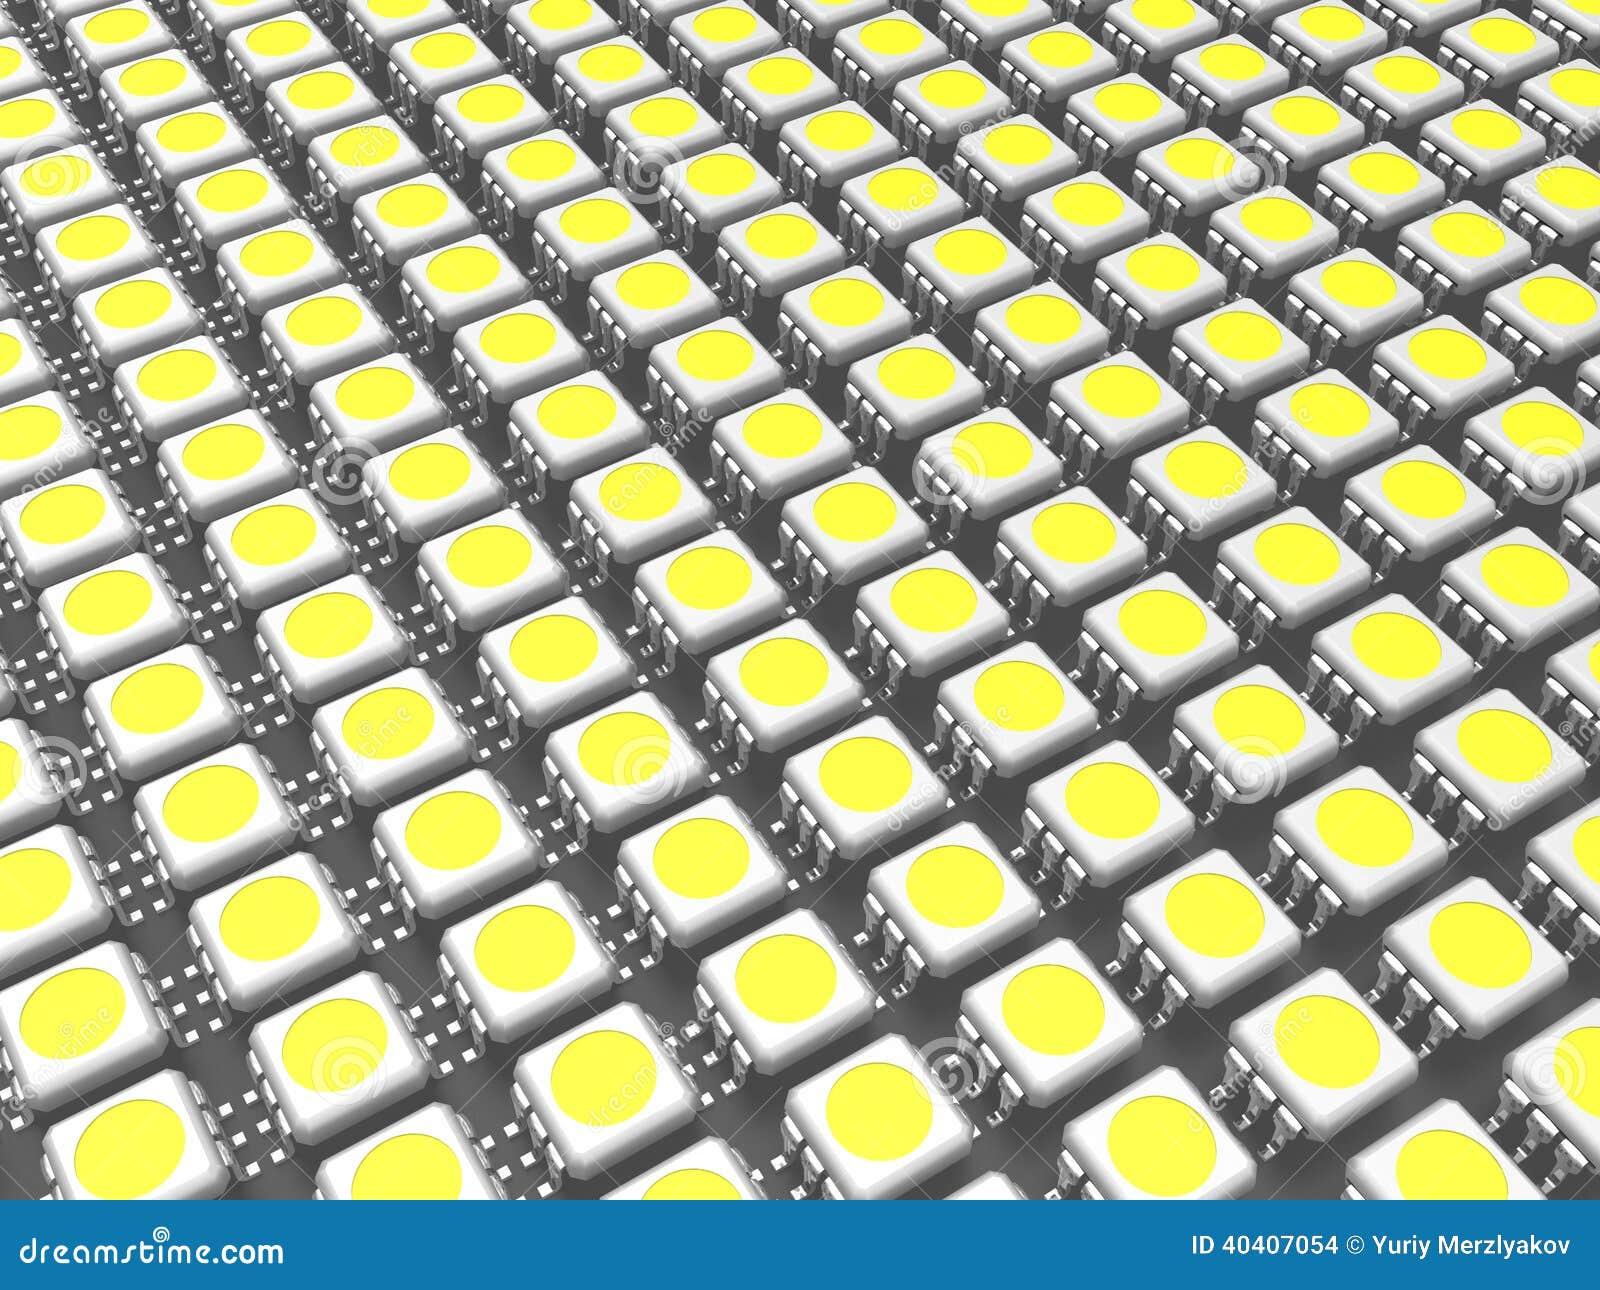 Es ist viel LED-Chip